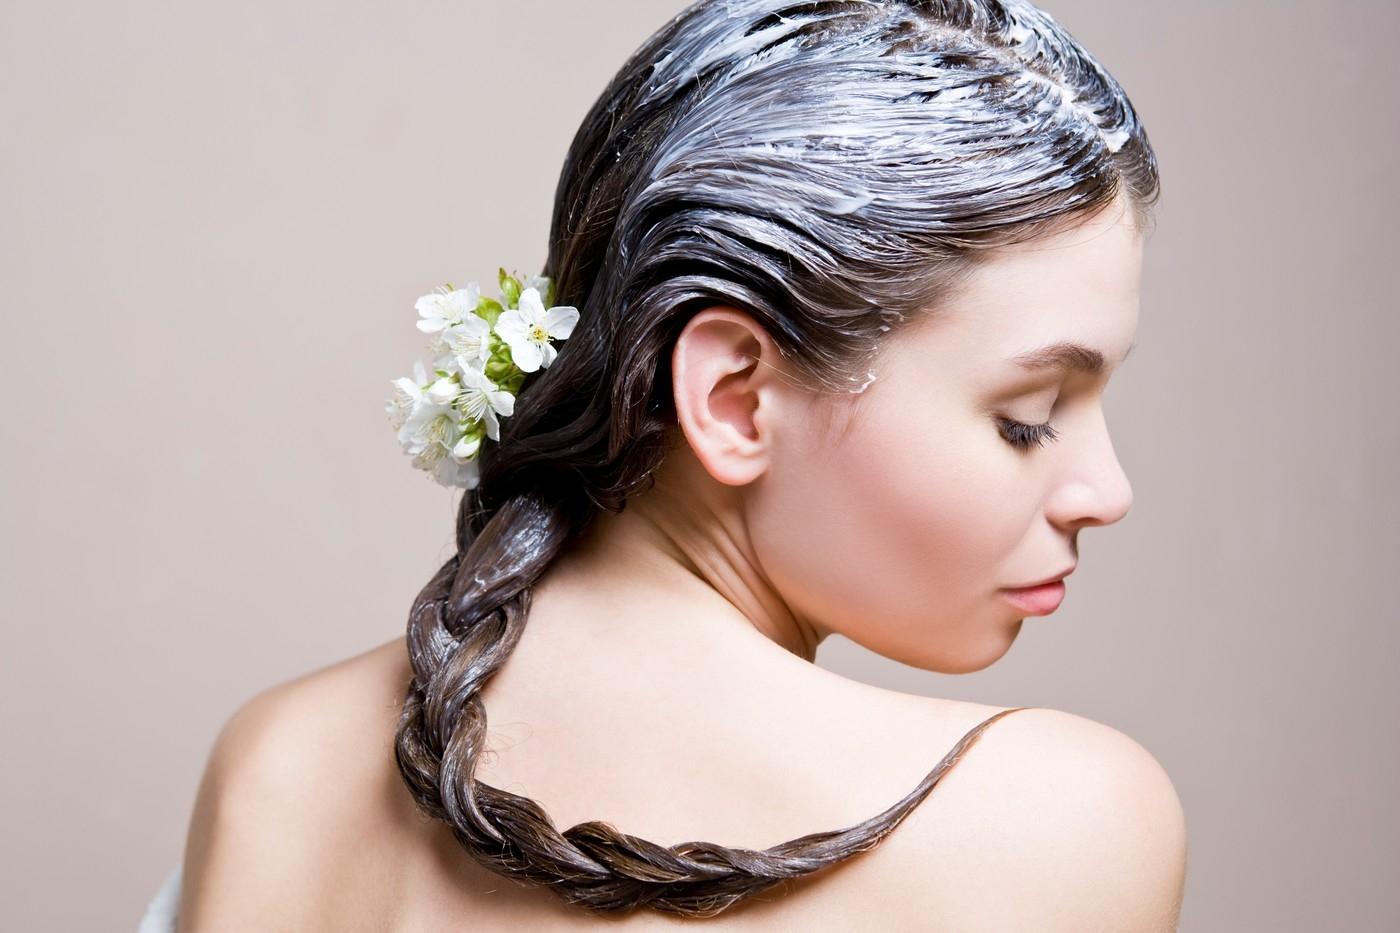 Маски для сухих волос в домашних условиях с касторовым маслом